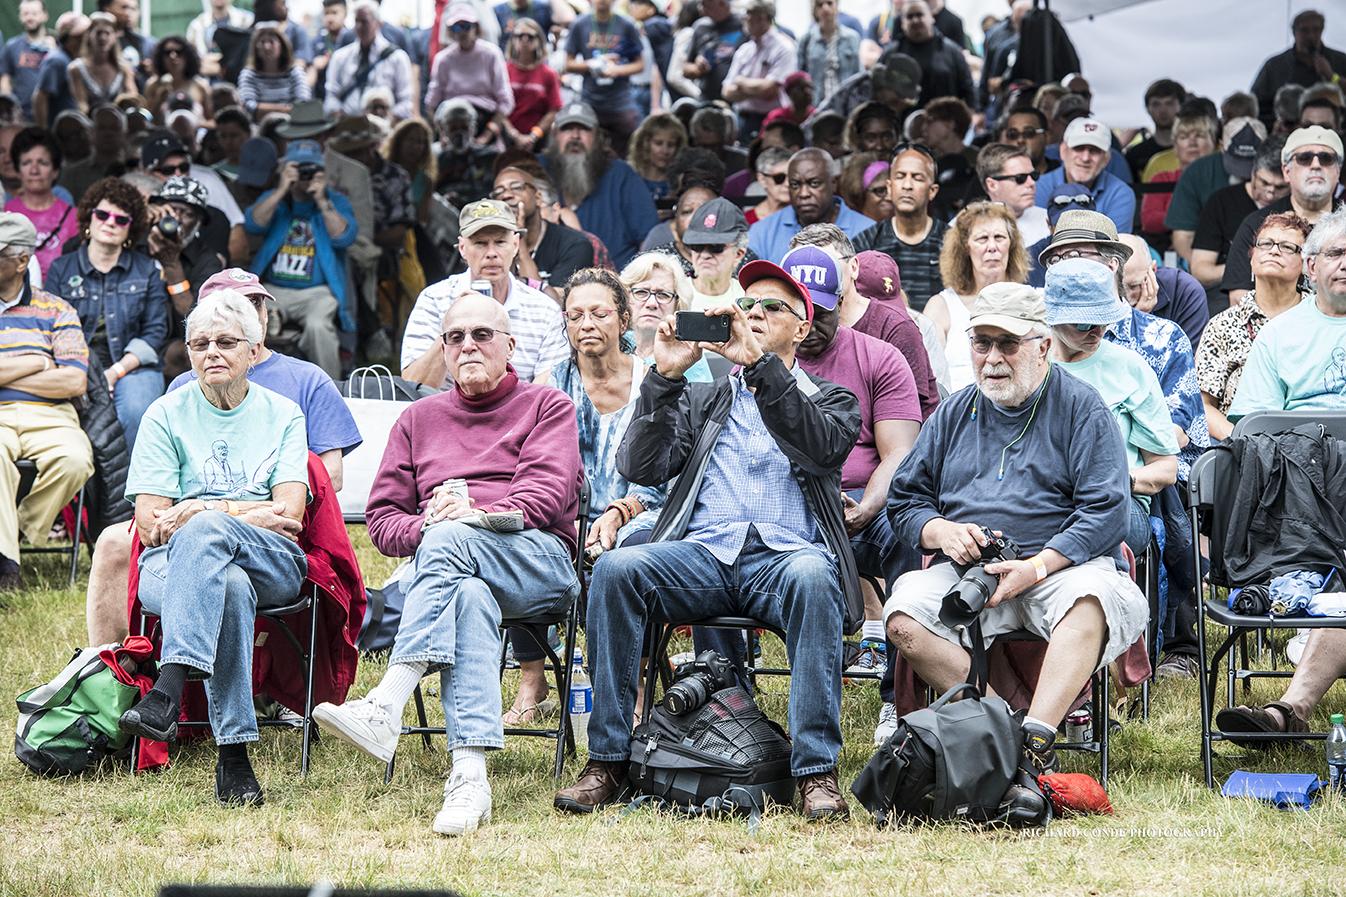 Jazz fans at the 2018 Freihofer Saratoga Jazz Festival